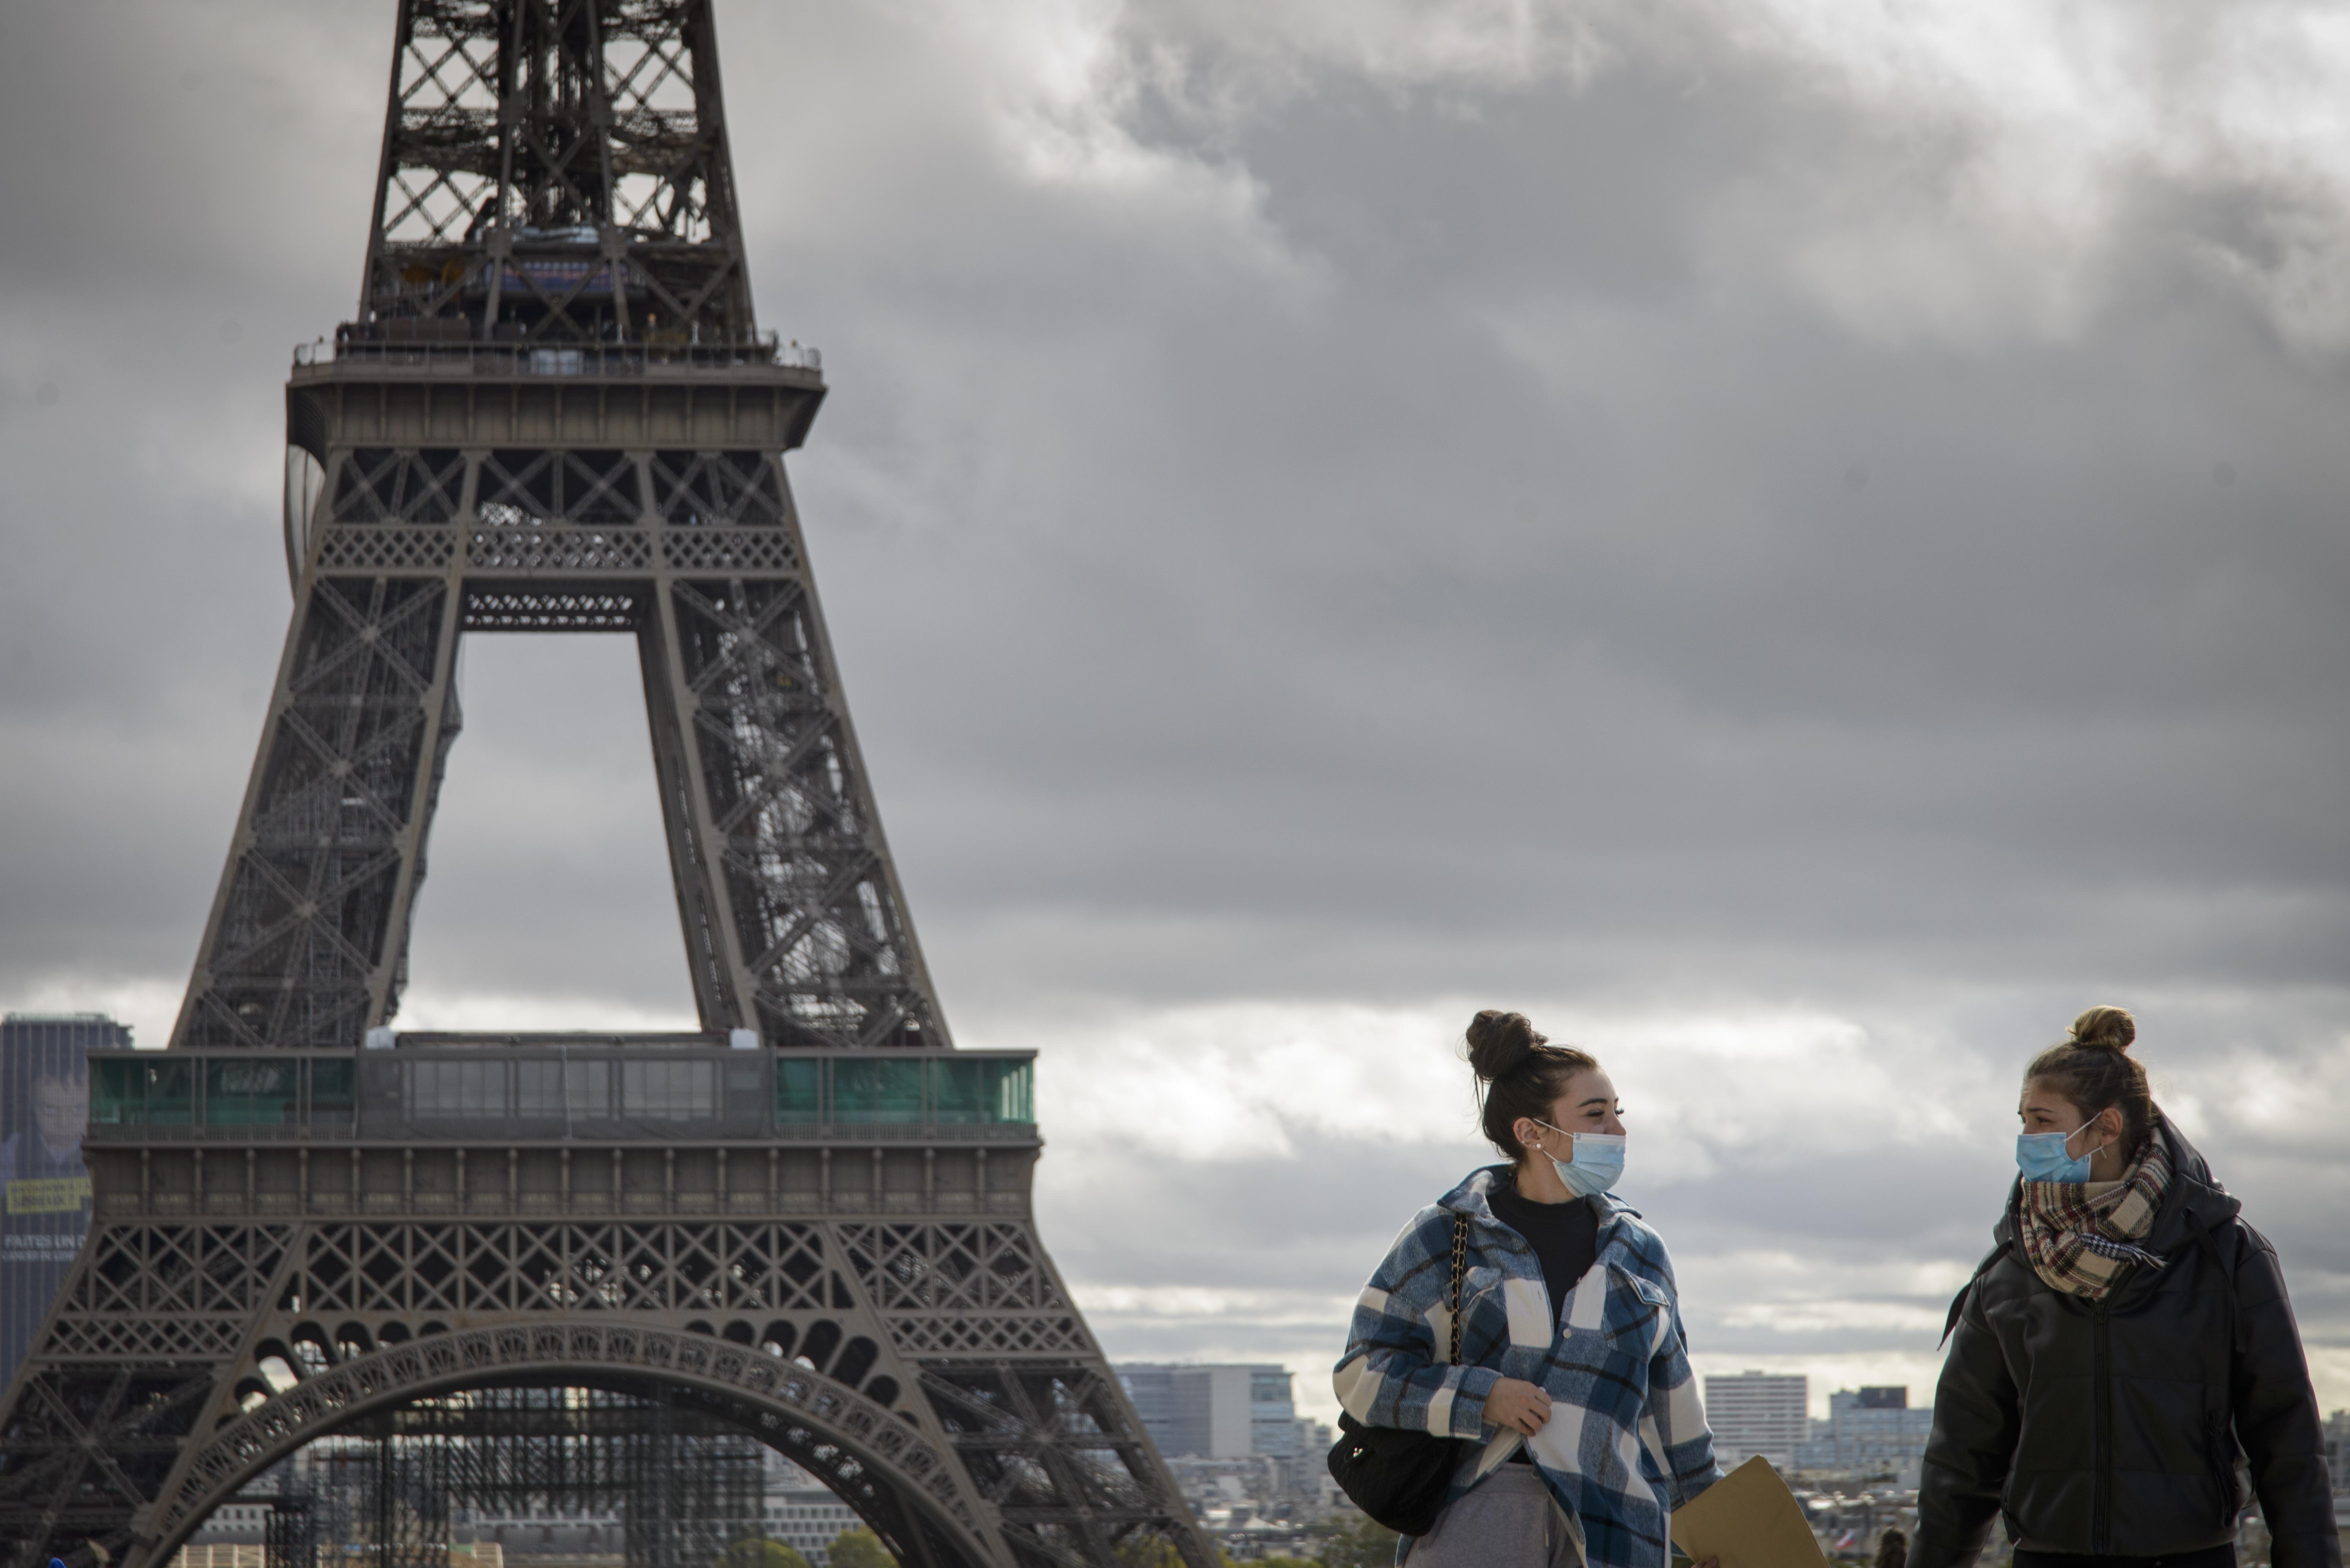 Franciaországban különösebb lezárás nélkül sikerült elindítani a lezárást